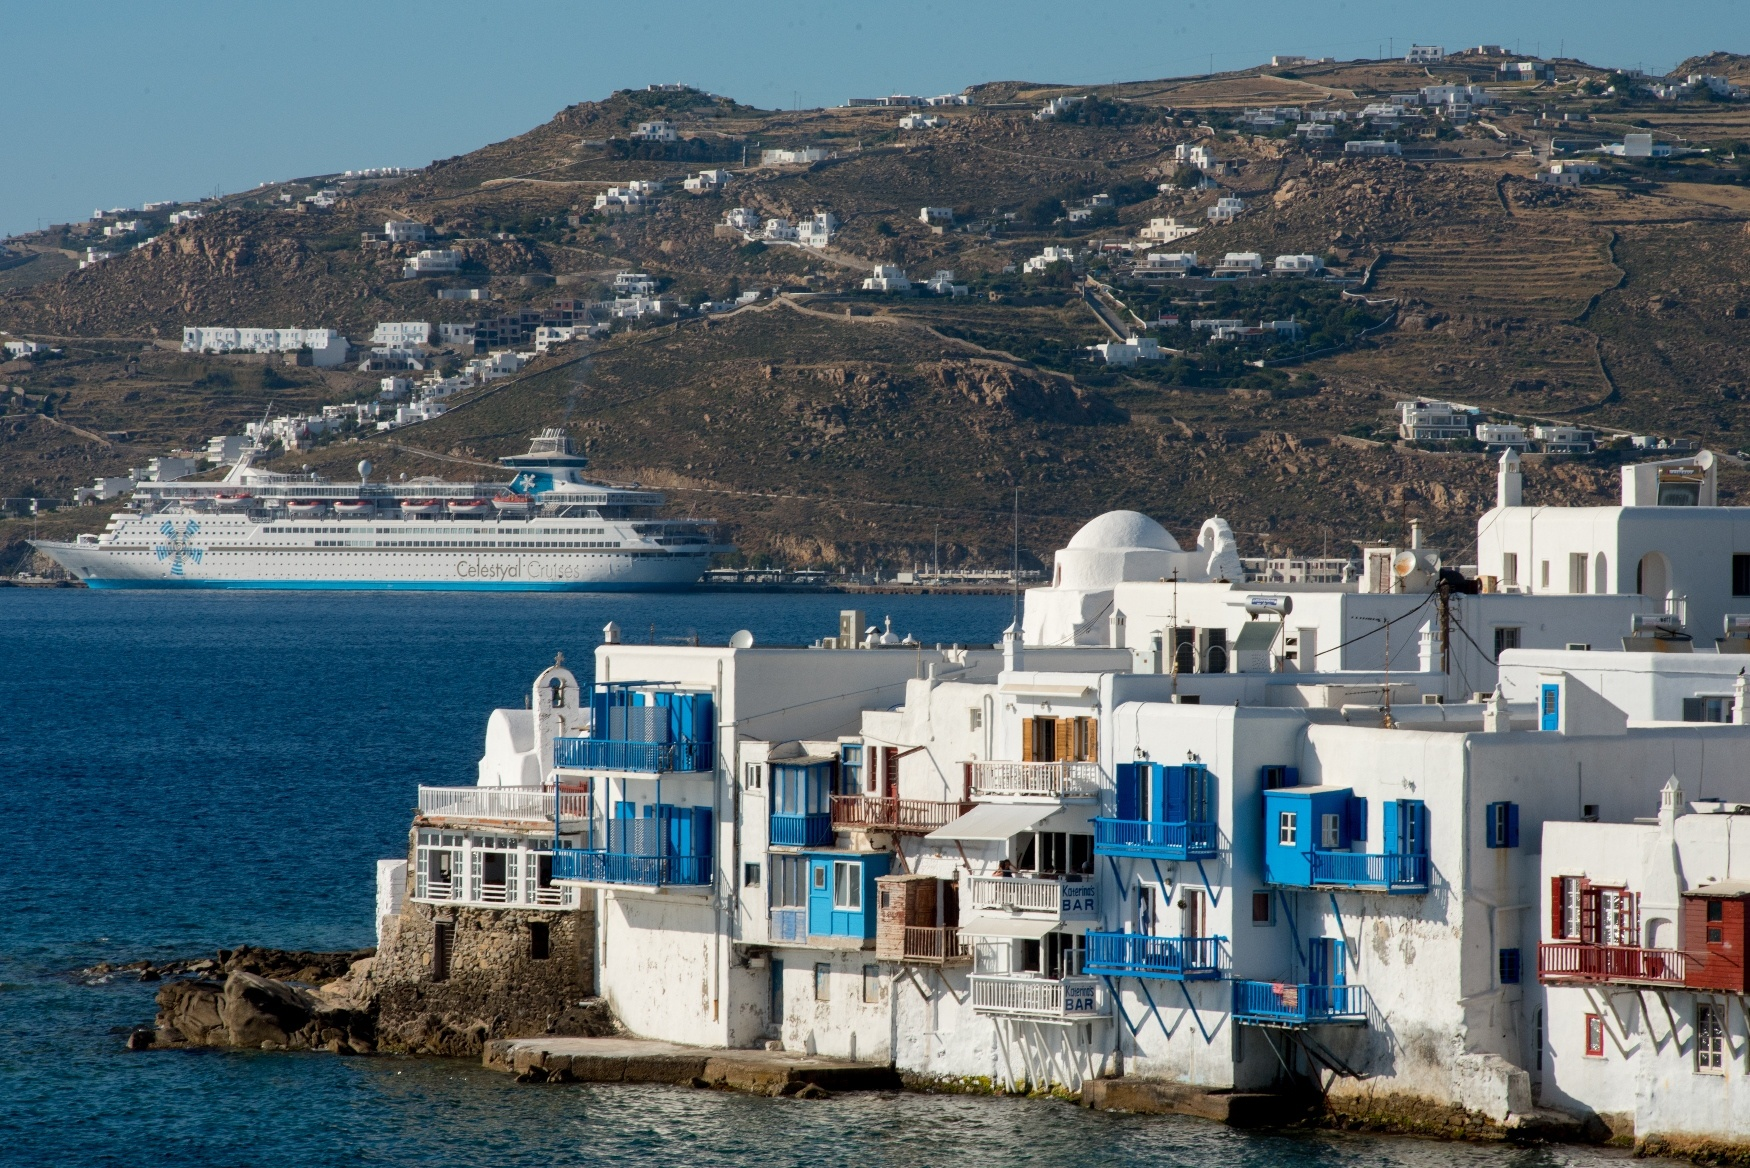 Celestyal Cruises bietet Frühbucherpreise für insgesamt sieben Kreuzfahrten zu den griechischen Inseln und durch das östliche Mittelmeer in den Jahren 2021 und 2022.